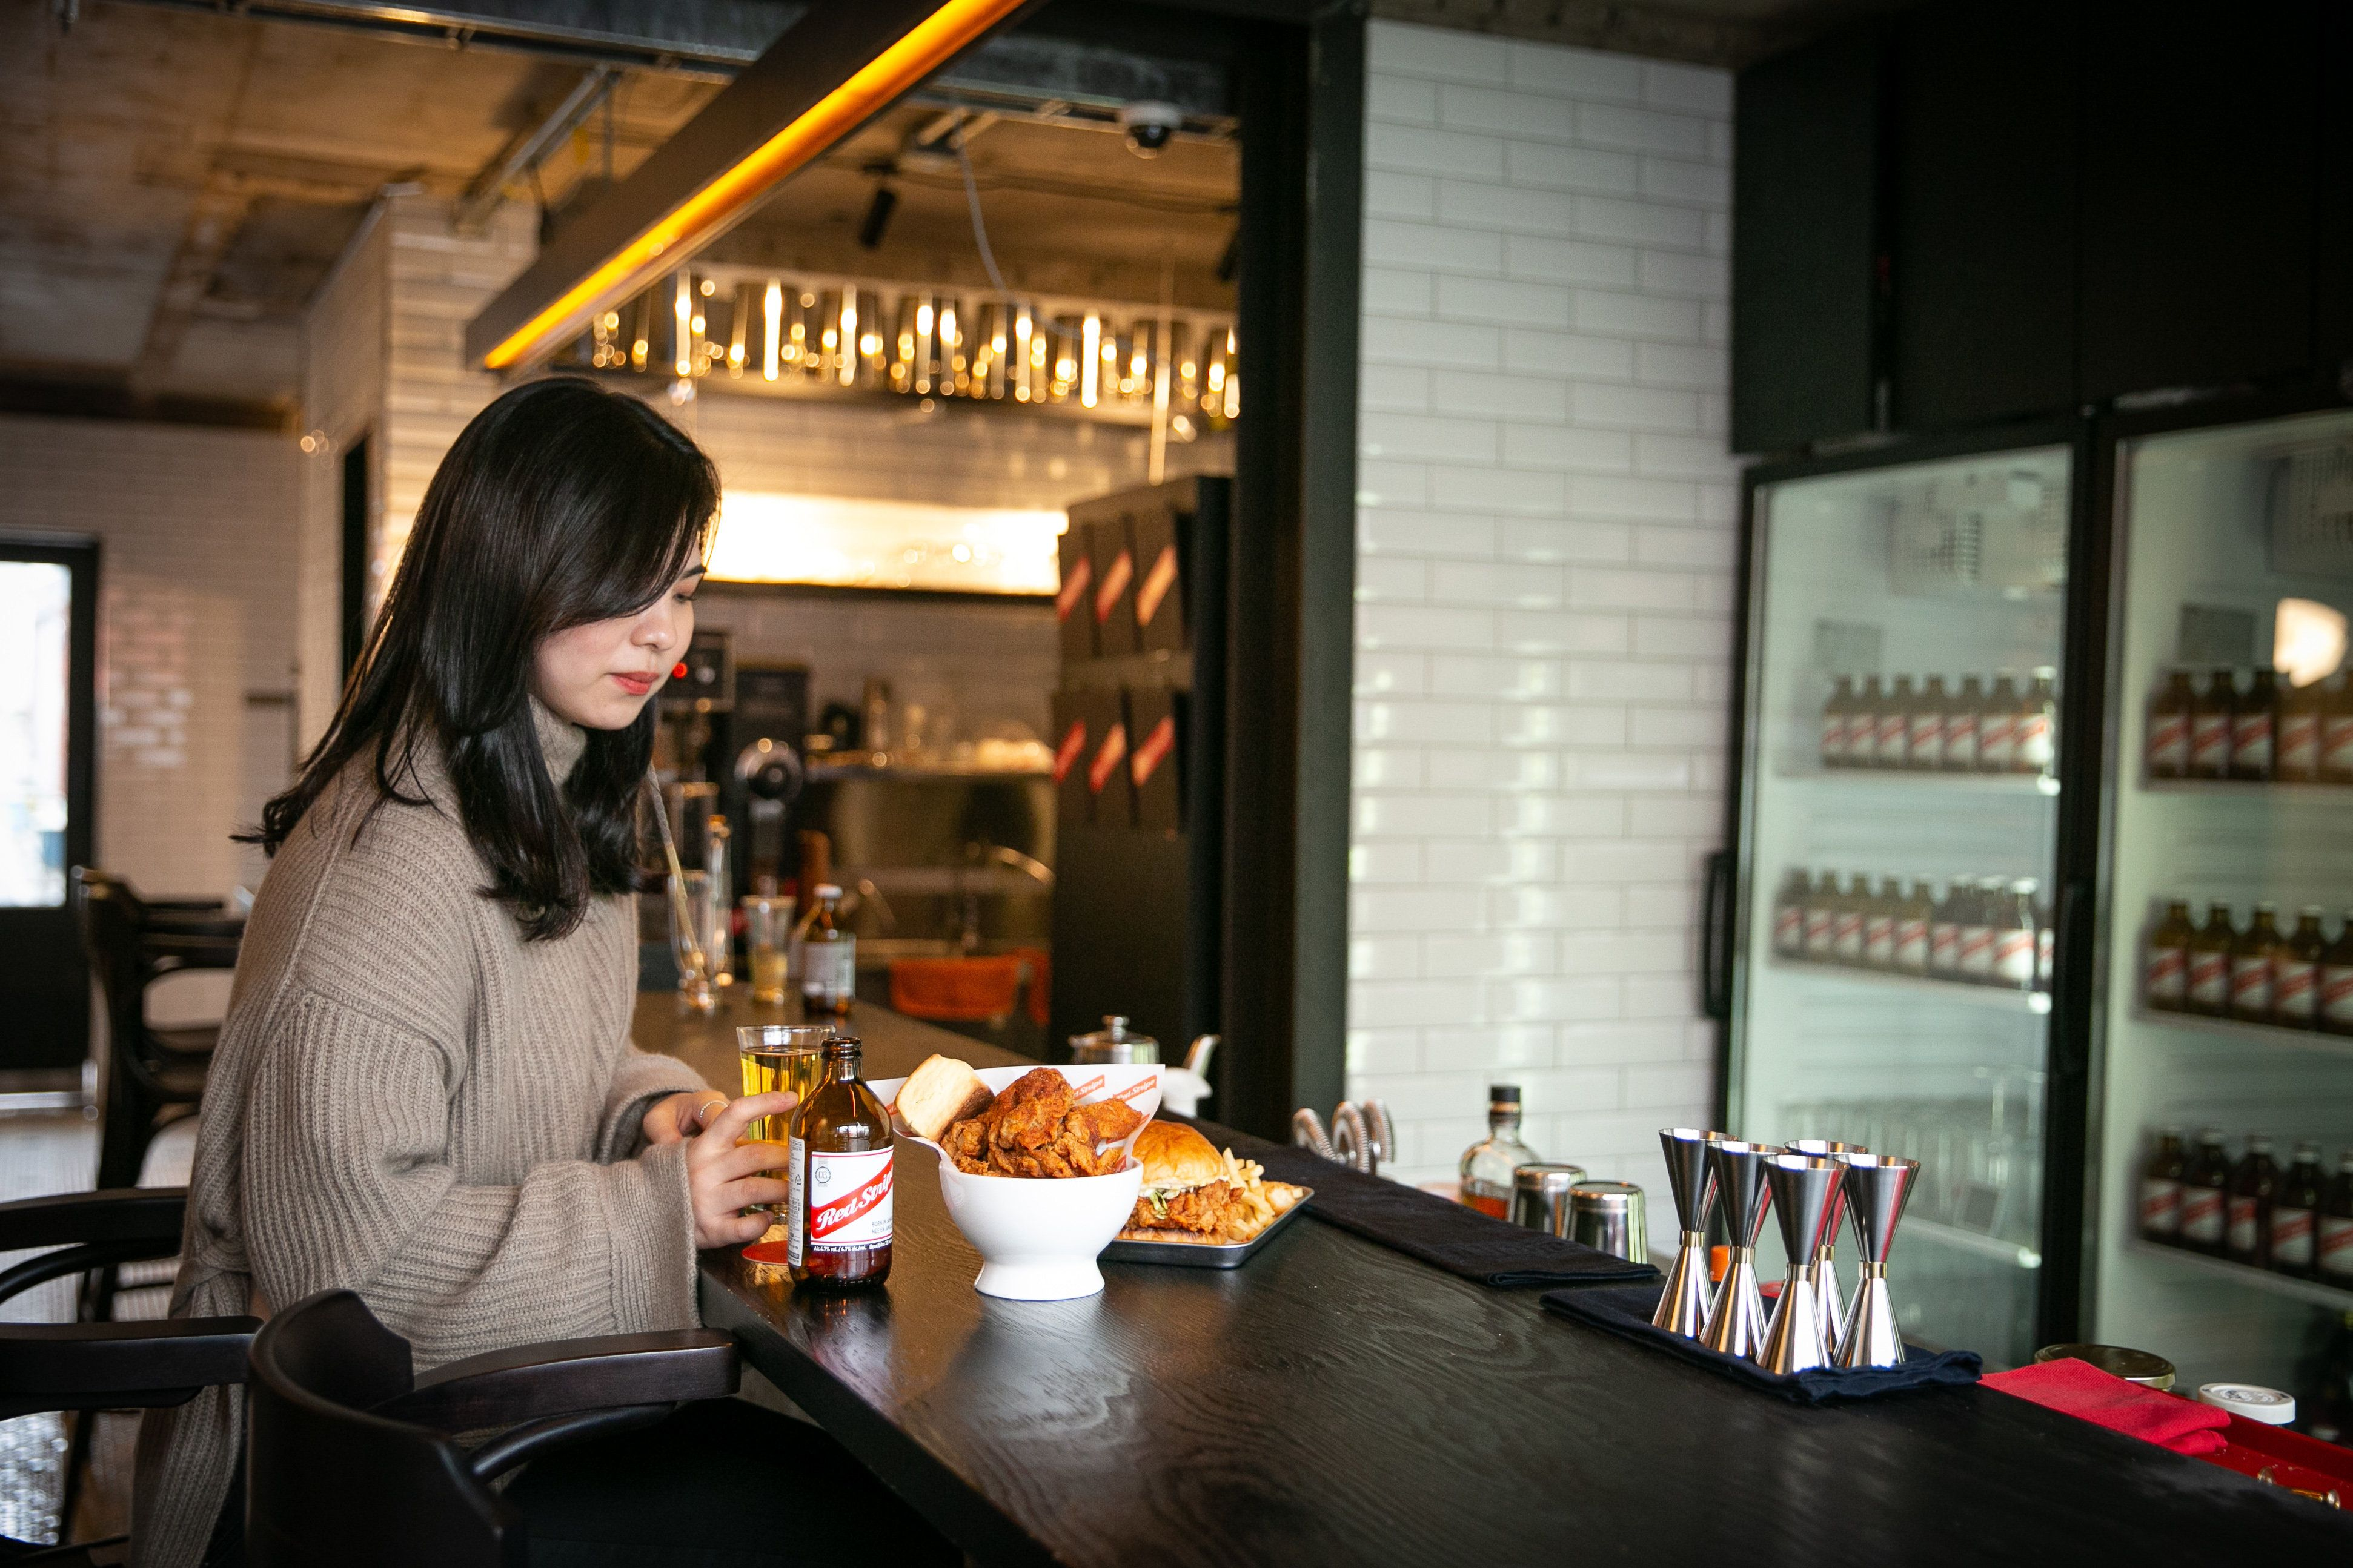 [태우's PICK] 한남동에는 면도도 받고 치킨버거도 먹을 수 있는 공간이